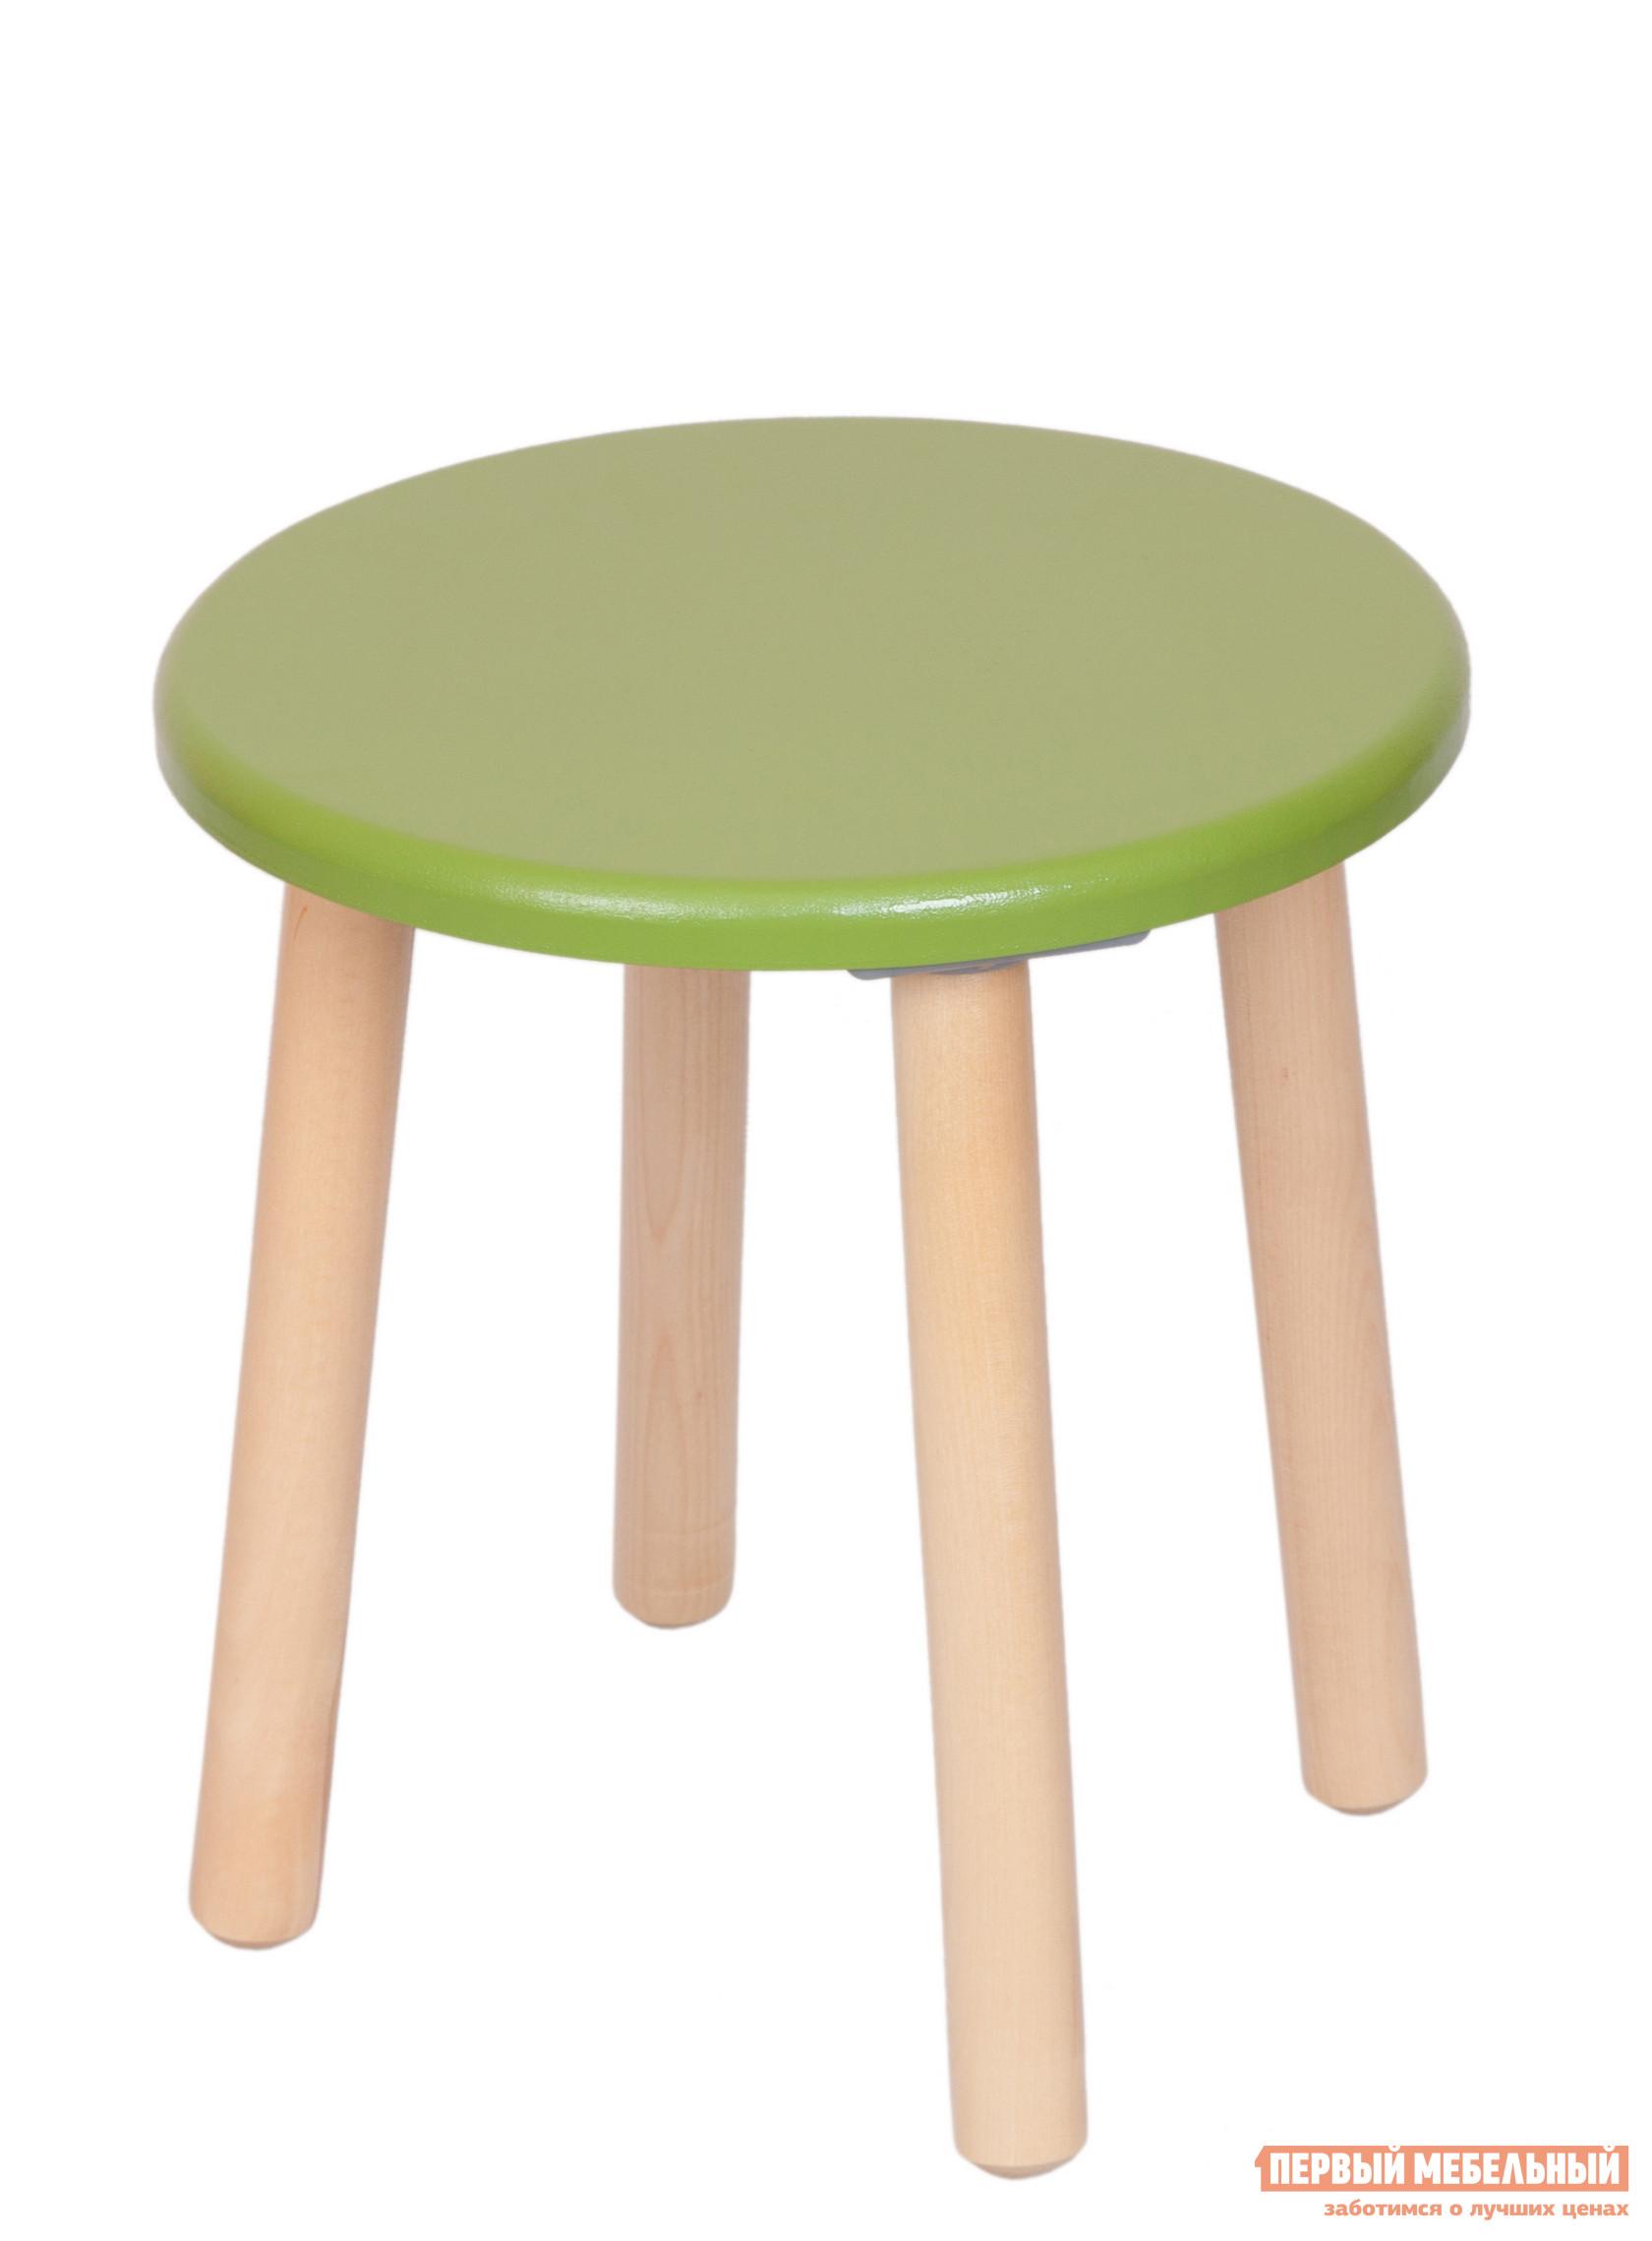 Столик и стульчик РусЭкоМебель Табурет ЭКО Эко зеленыйСтолики и стульчики<br>Габаритные размеры ВхШхГ 320x310x310 мм. Детская табуреточка чрезвычайно практичный и функциональный предмет интерьера, веселая цветовая гамма которого поможет создать в комнате малыша атмосферу детства.  На ней можно сидеть, использовать в качестве подставочки, когда малышу сложно дотянуться до нужного предмета, или же превратить в детский столик при необходимости.  Табуреточка создана специально для малышей в возрасте от 2 года до 7 лет.  Ножки табурета изготовлены из натурального дерева — массива березы, сидение — МДФ.  Окраска сидения выполнена безопасной для малышей эко-краской.  Все детали тщательно отполированы, покрыты лаком.  Форма ножек стола расширена для придания изделию дополнительной устойчивости. Табуреточка выдерживает нагрузку до 120 кг.<br><br>Цвет: Зеленый<br>Высота мм: 320<br>Ширина мм: 310<br>Глубина мм: 310<br>Кол-во упаковок: 1<br>Форма поставки: В разобранном виде<br>Срок гарантии: 12 месяцев<br>Материал: Дерево<br>Материал: Натуральное дерево<br>Порода дерева: Береза<br>Пол: Для девочек<br>Пол: Для мальчиков